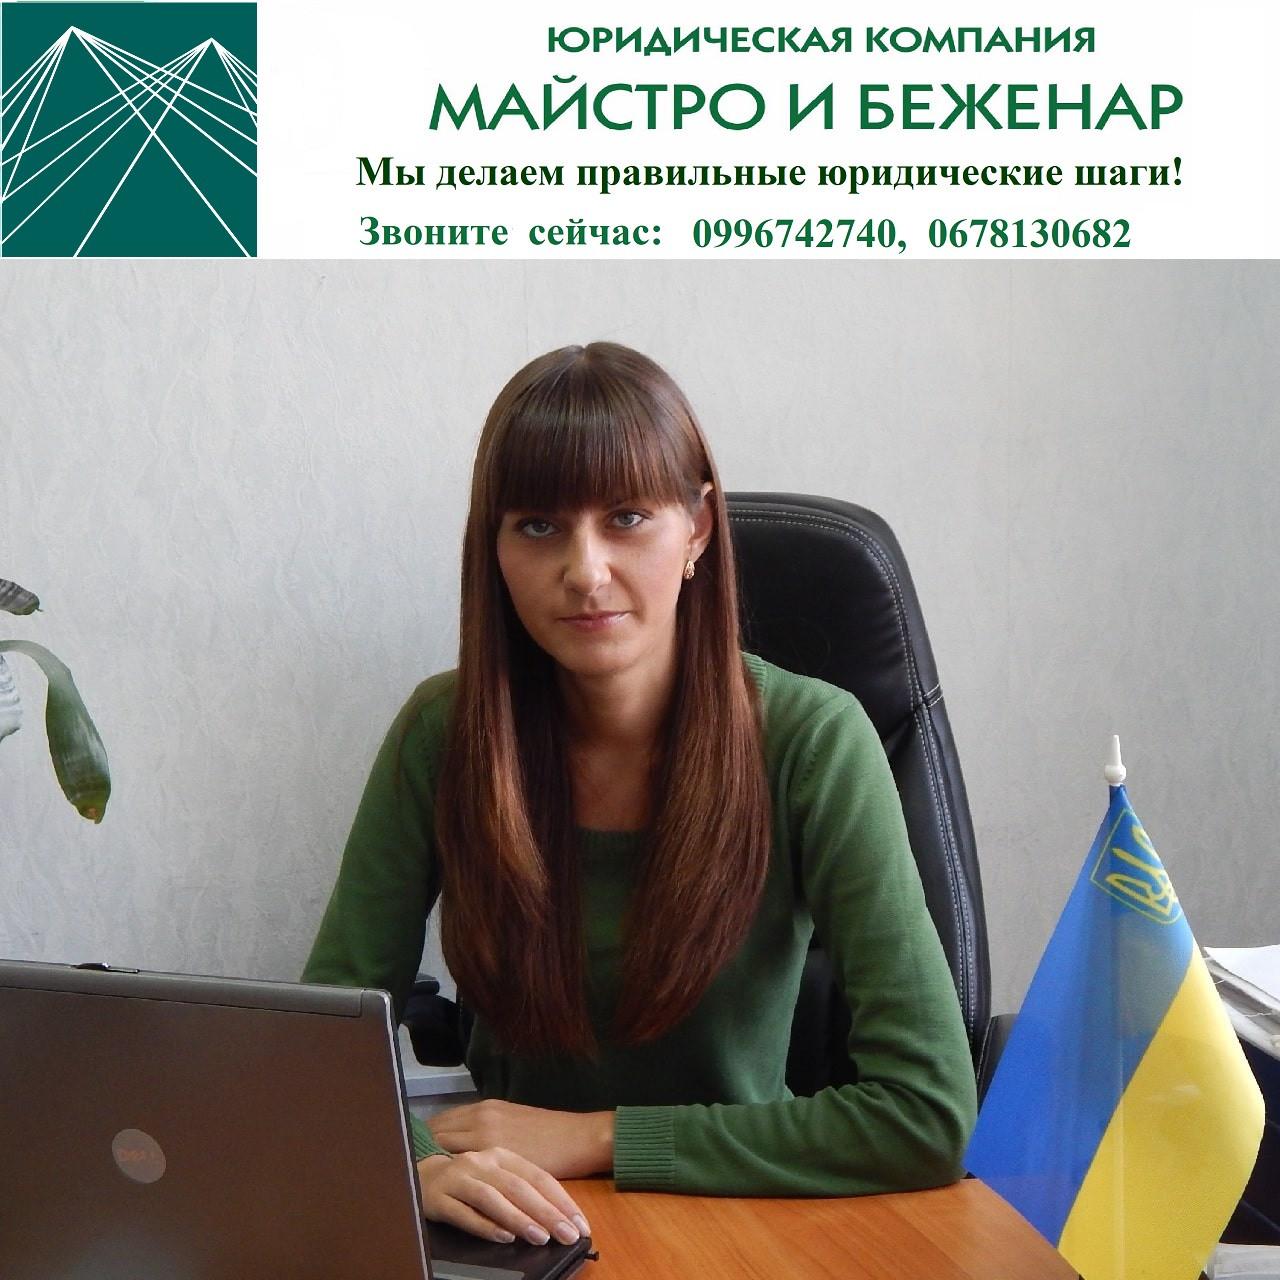 Адвокат со знанием английского языка Запорожье. Услуги англоязычного адвоката.